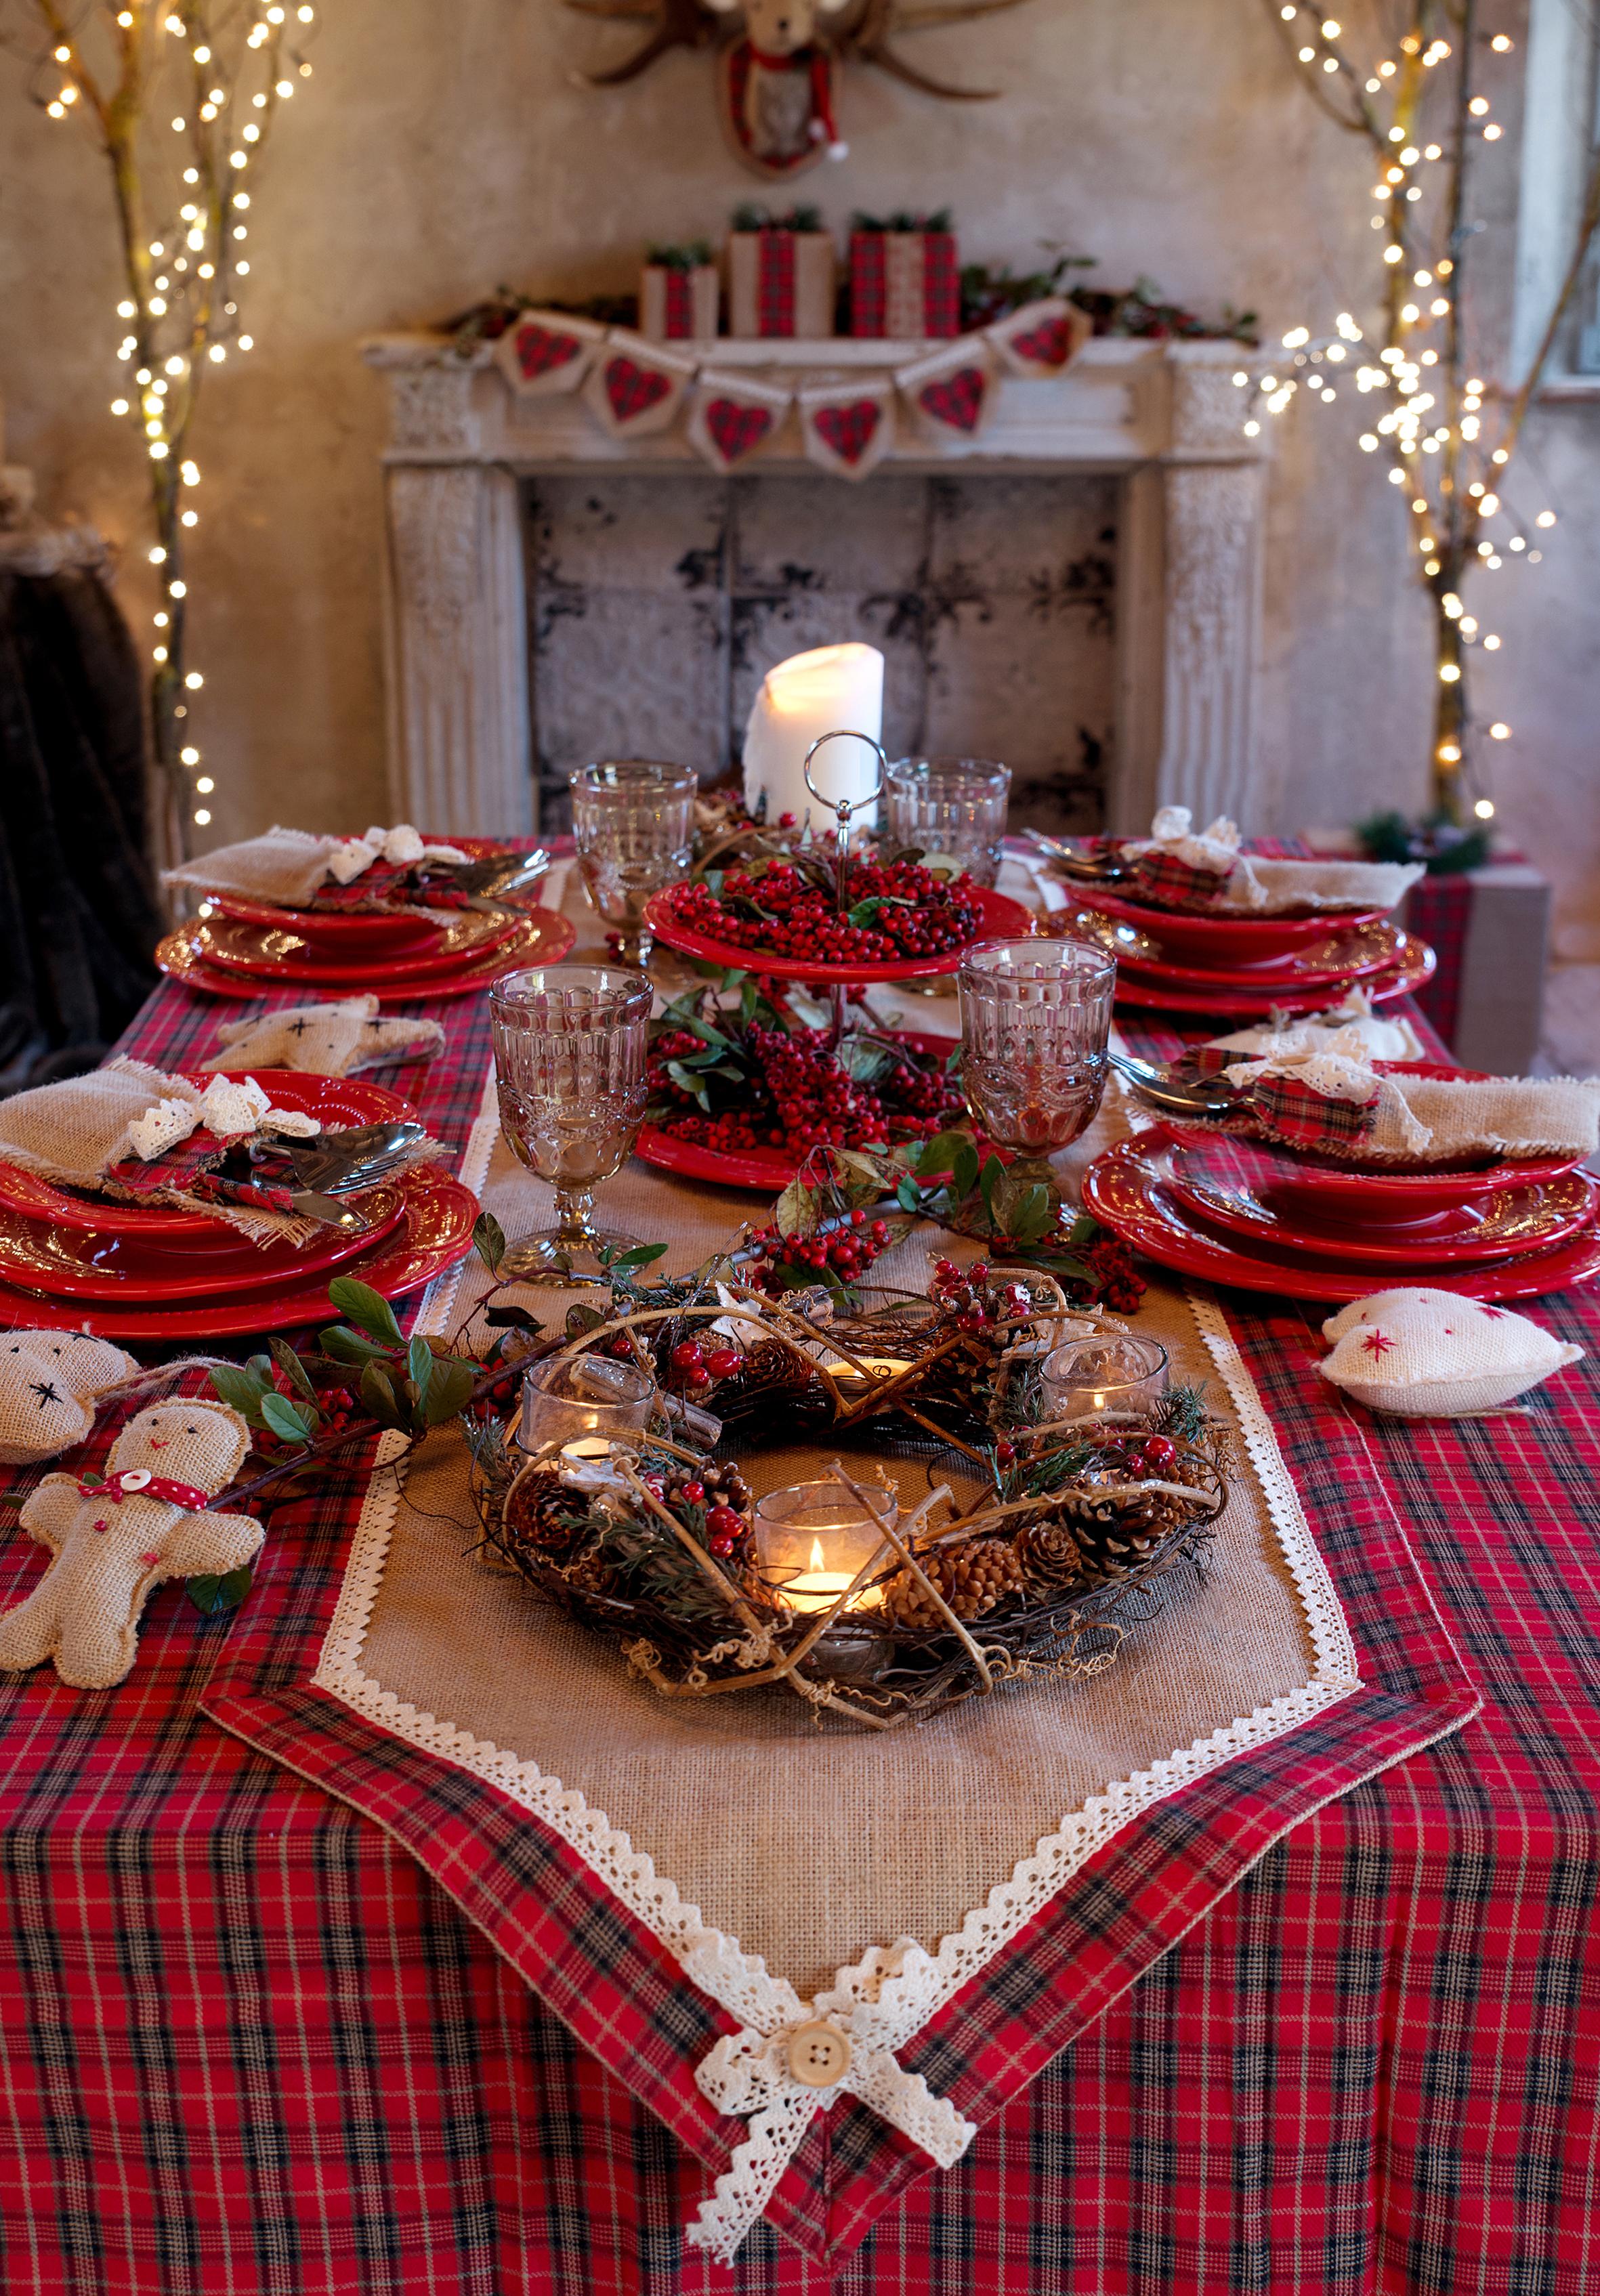 Il natale 2016 di blanc maricl shabby chic mania by - Addobbi natalizi per tavola da pranzo ...